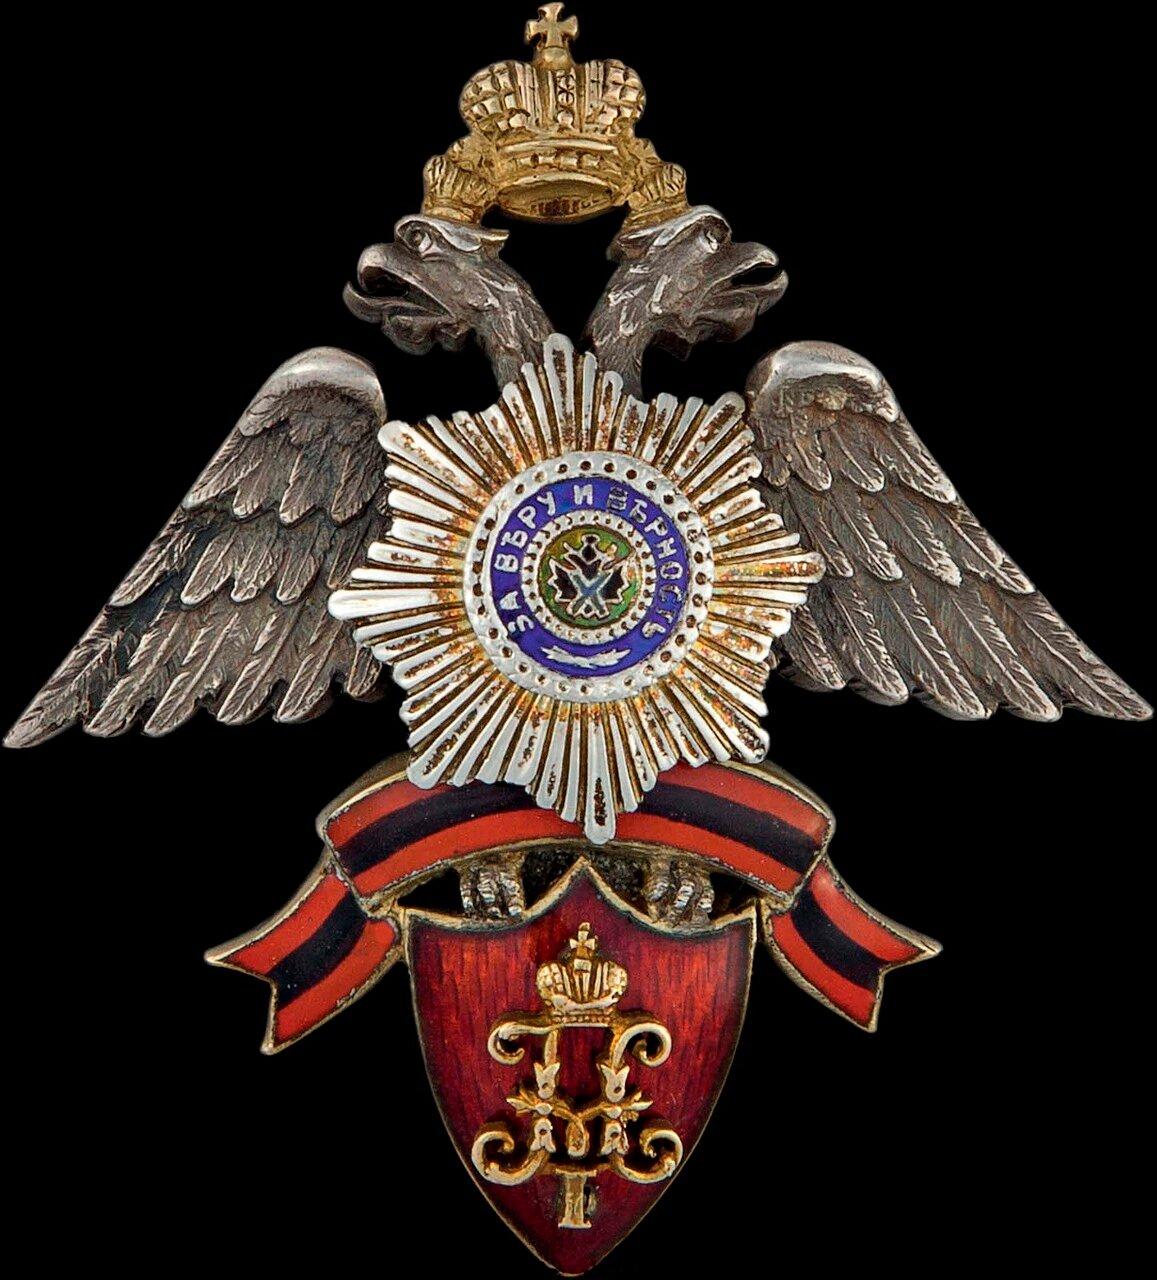 Знак об окончании Николаевского кадетского корпуса в Санкт-Петербурге